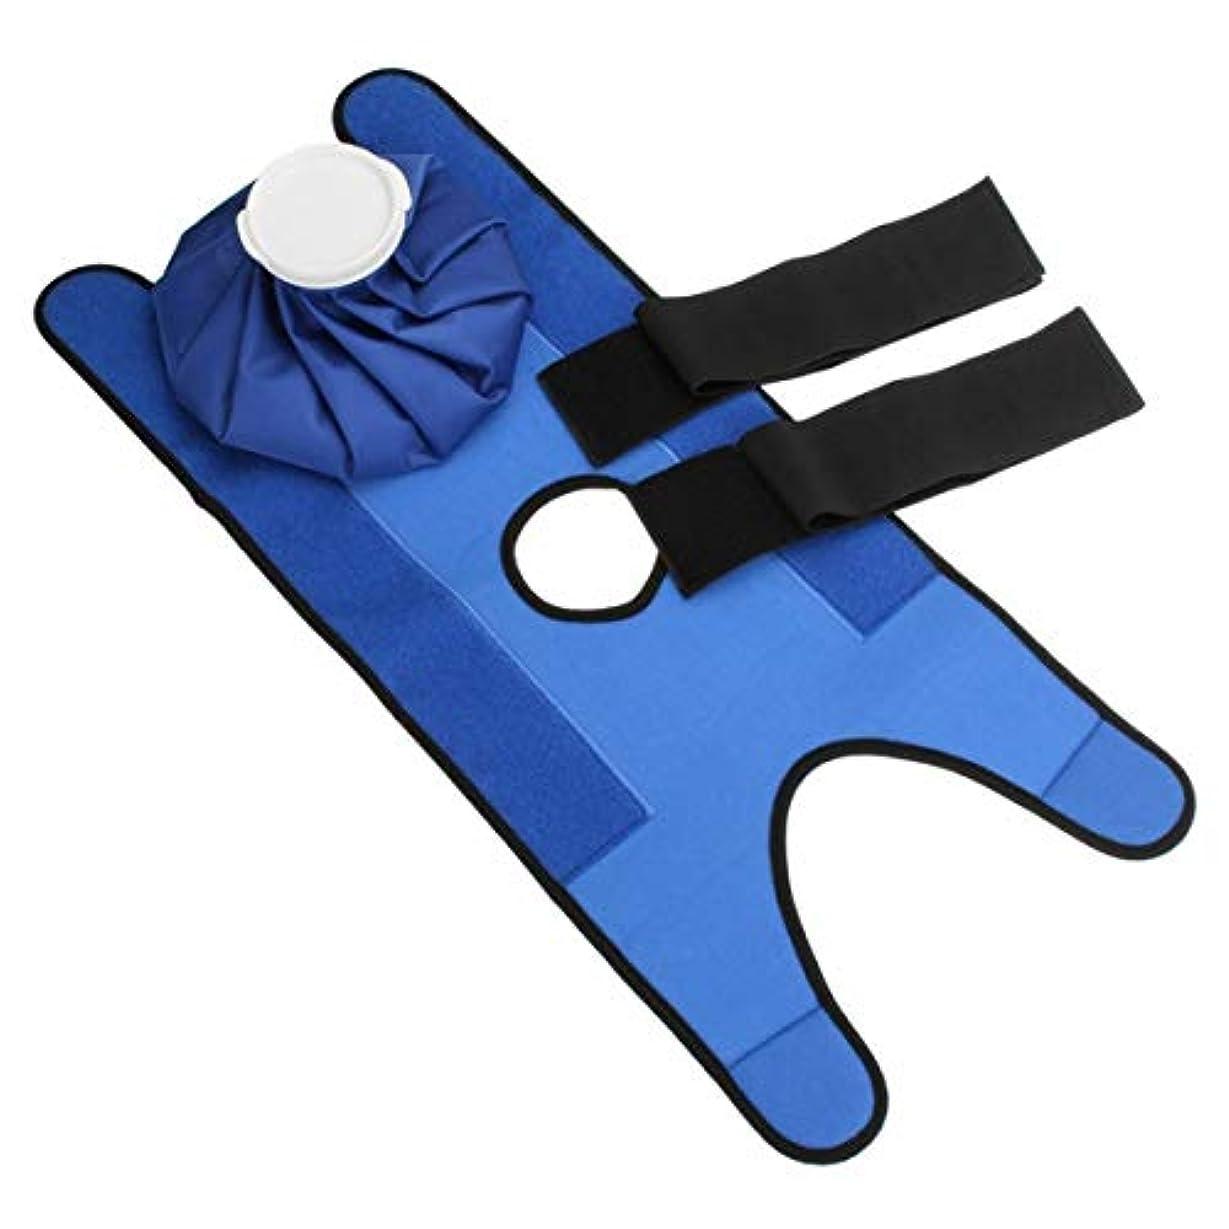 ペインティング一部入射Intercoreyコンパクトサイズ再利用可能ヘルスケア膝頭脚筋肉スポーツ傷害救済痛みアイスバッグ無毒アイスパック包帯付き